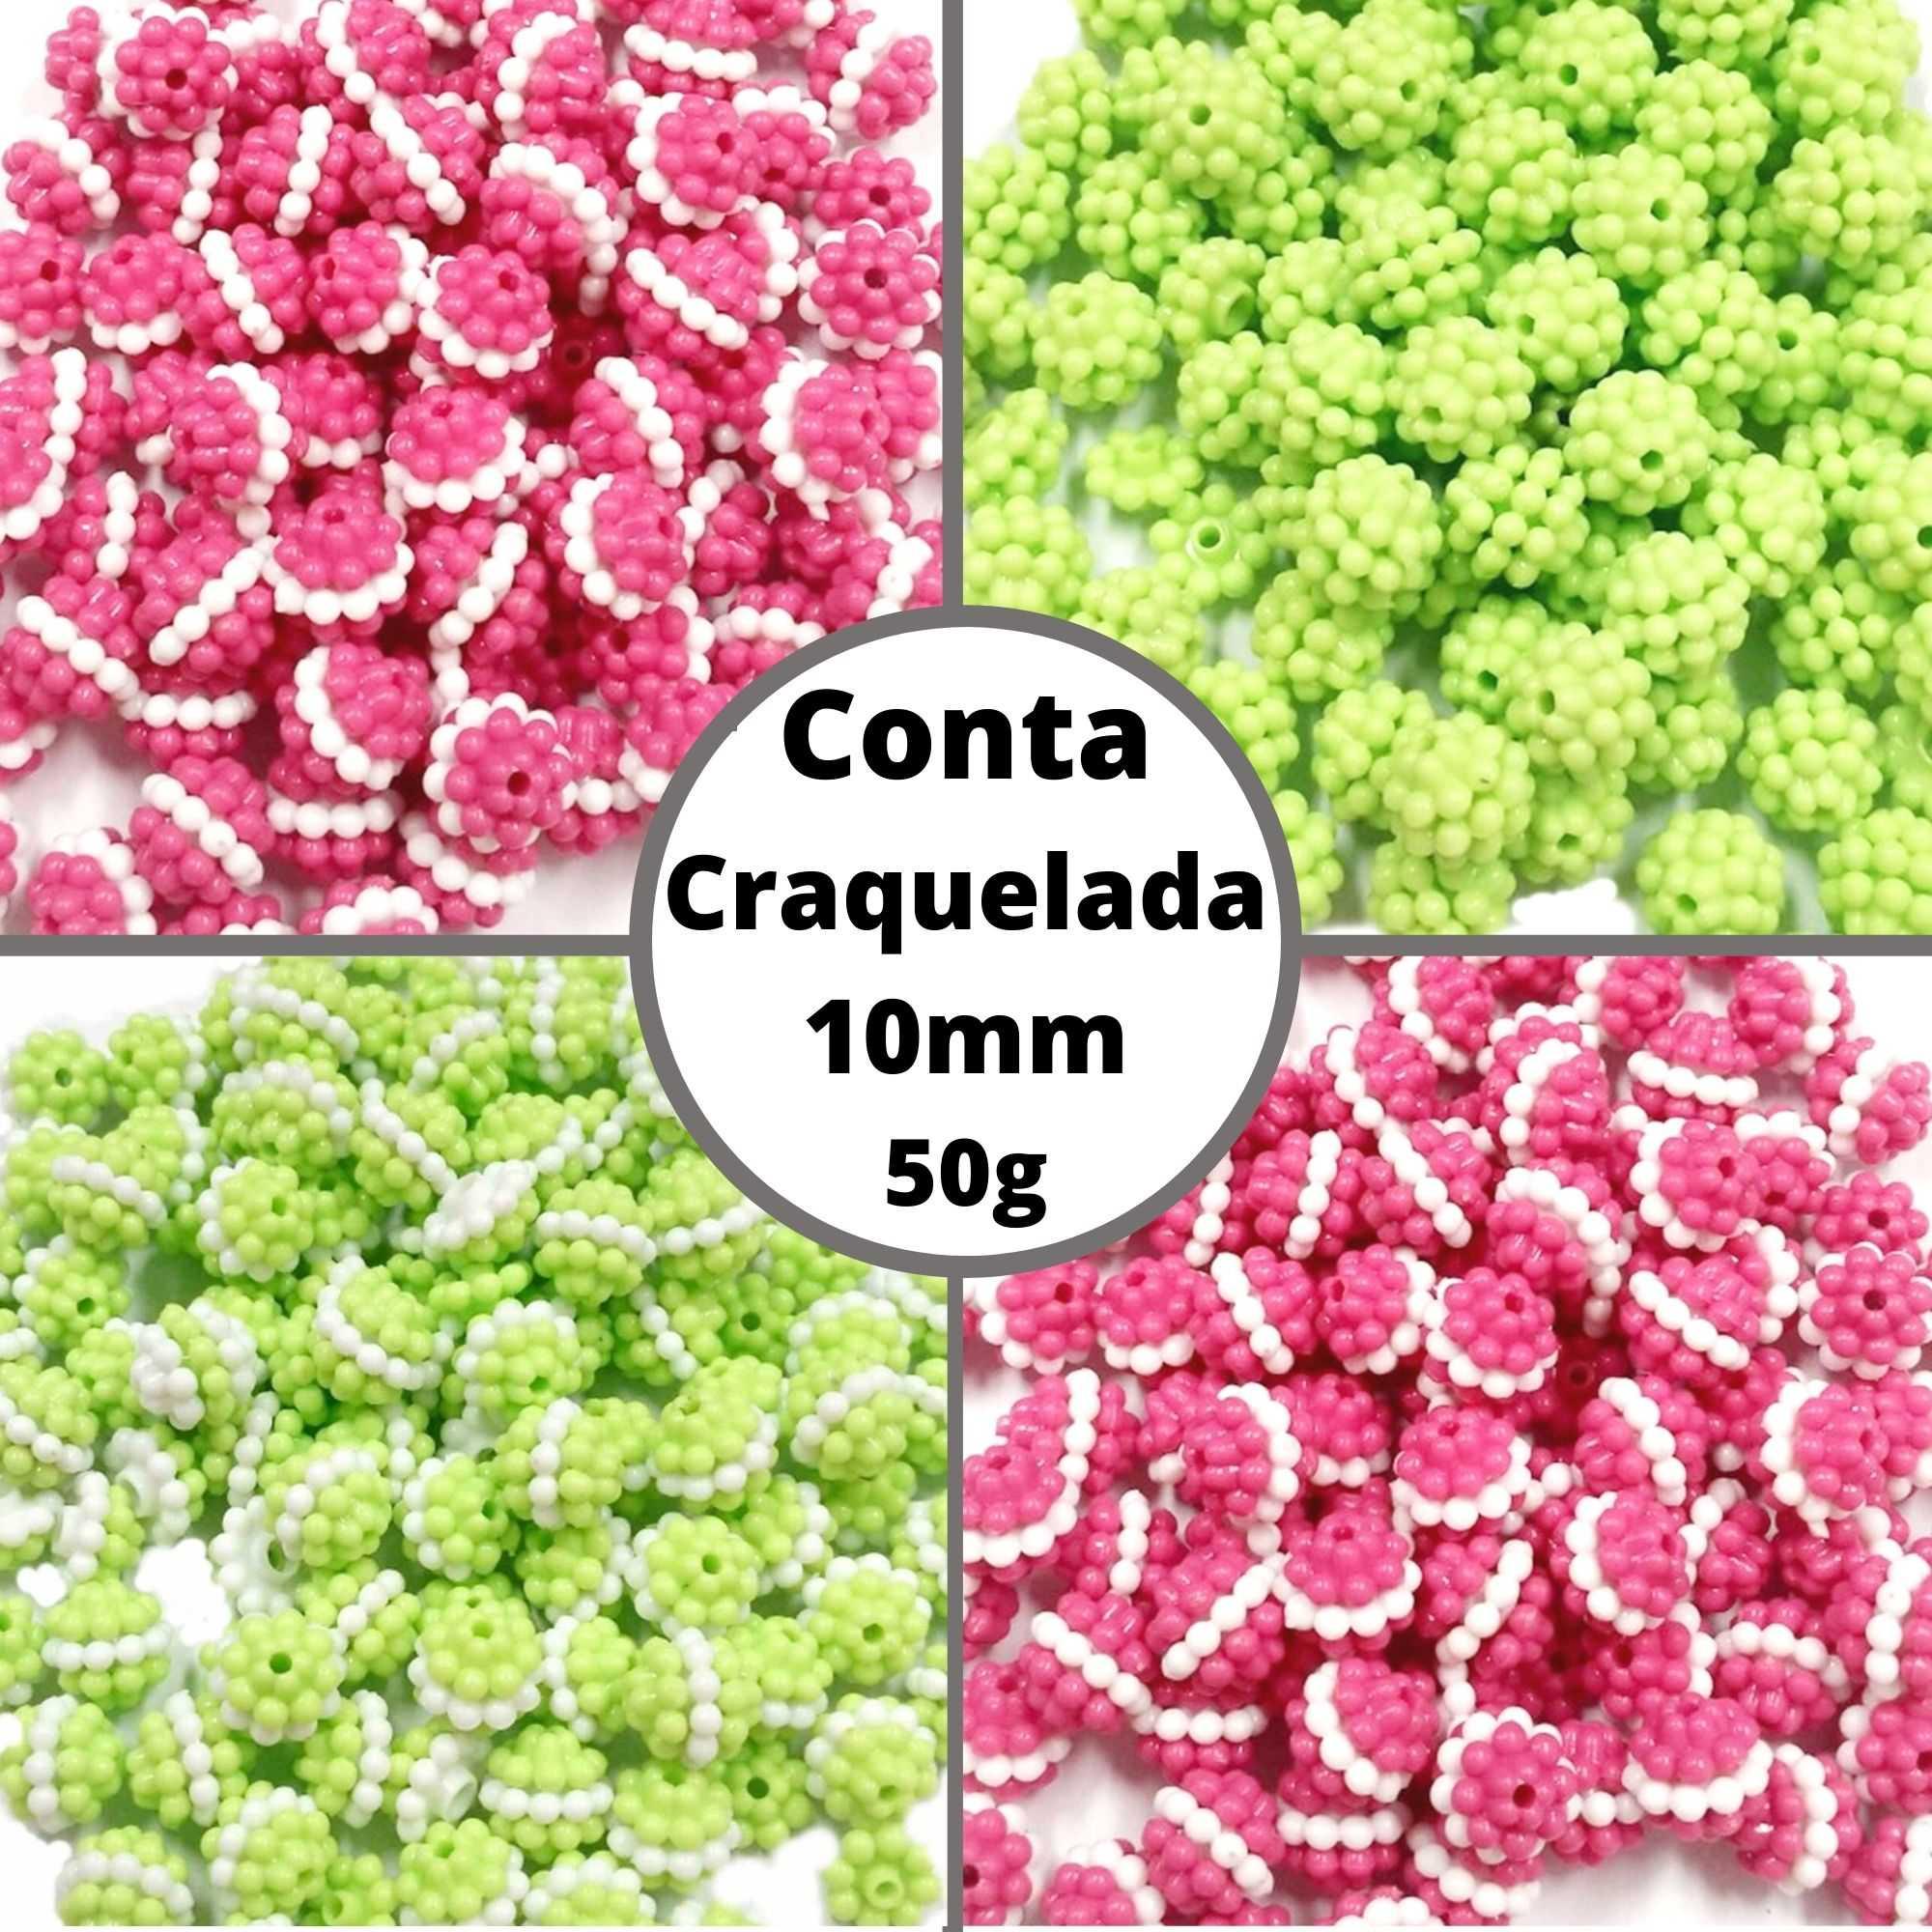 Conta Craquelada 10mm - Pacote 50g